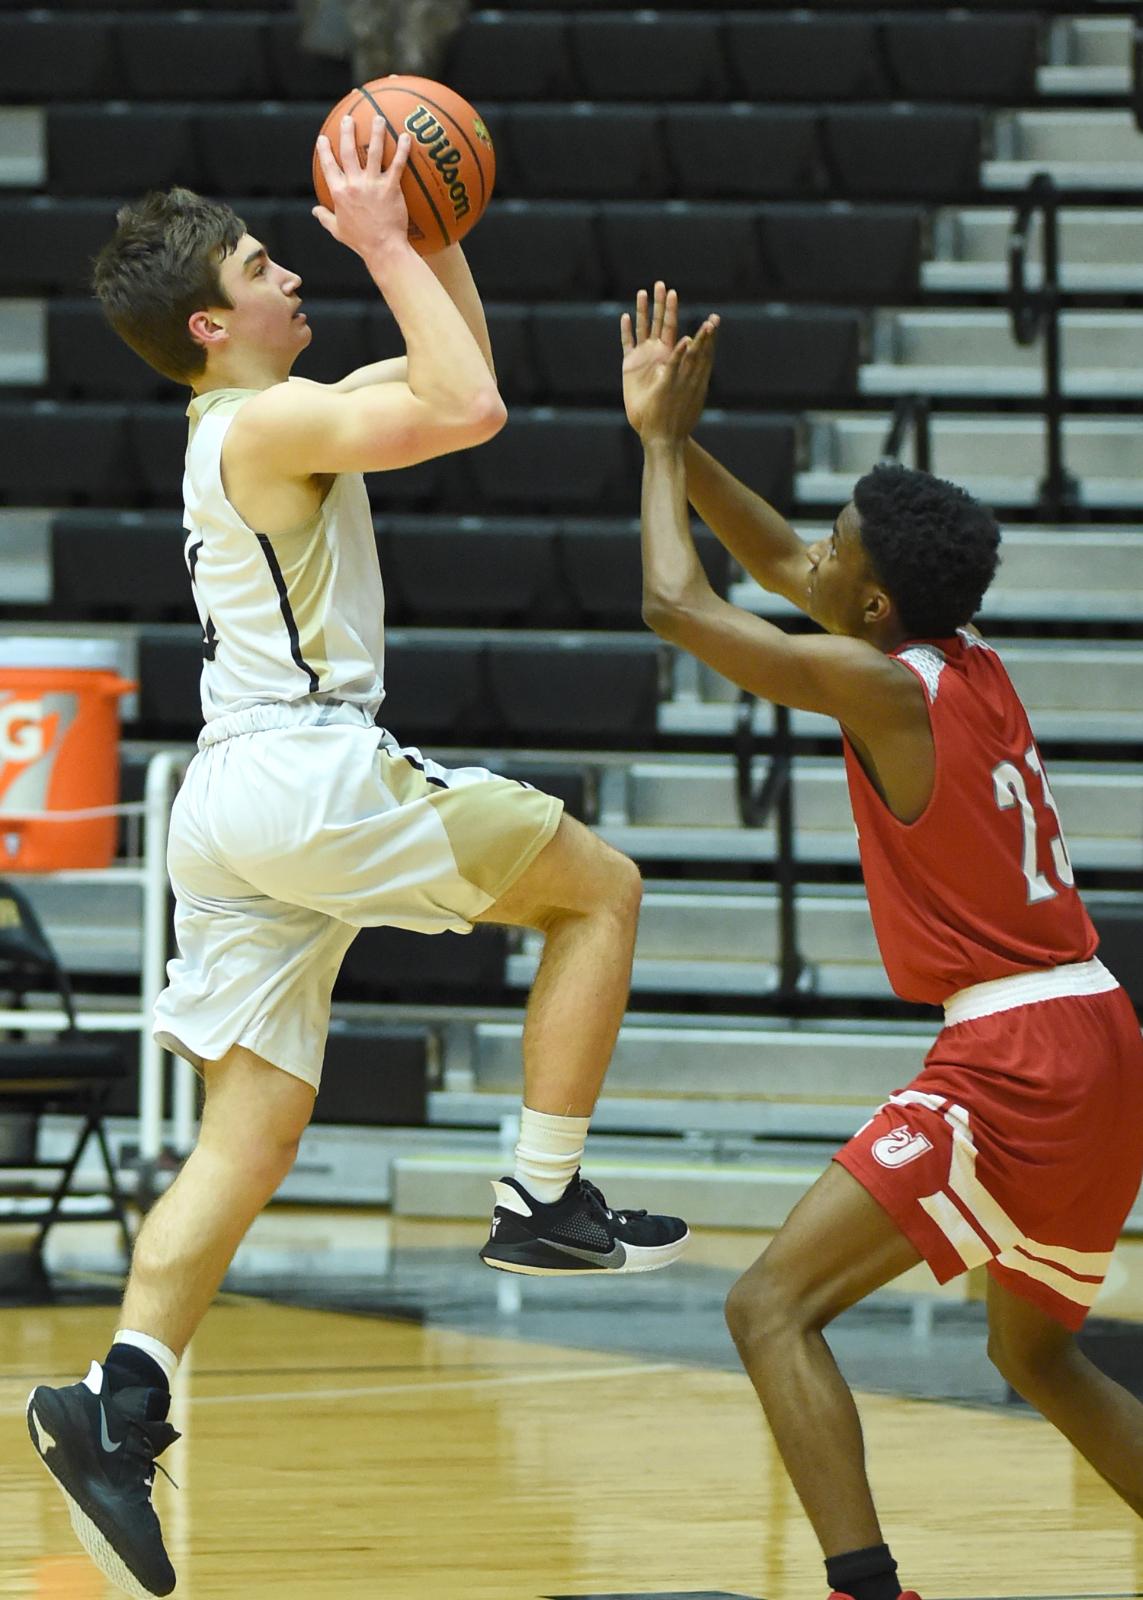 Basketball – Jasper vs Jeffersonville (JV-Boys)